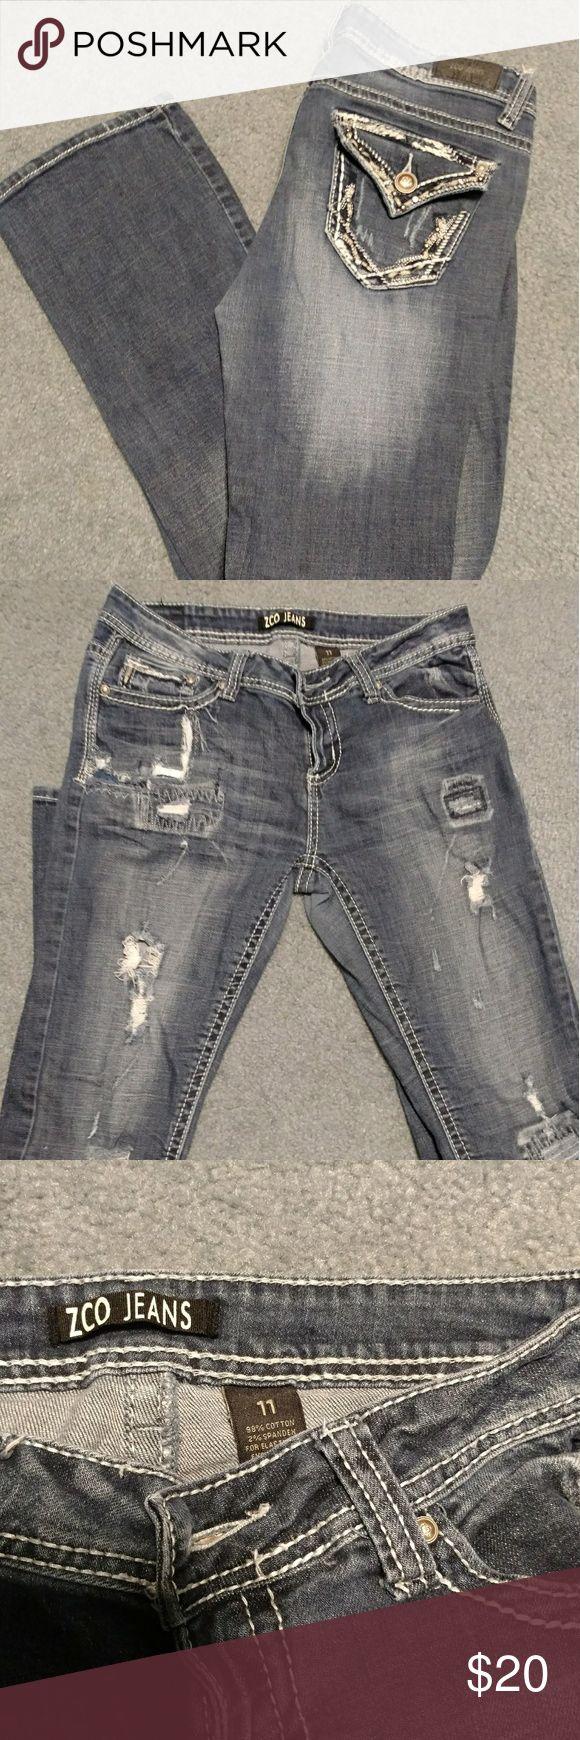 Zco Jeans Denim ZCO Jeans Skinny